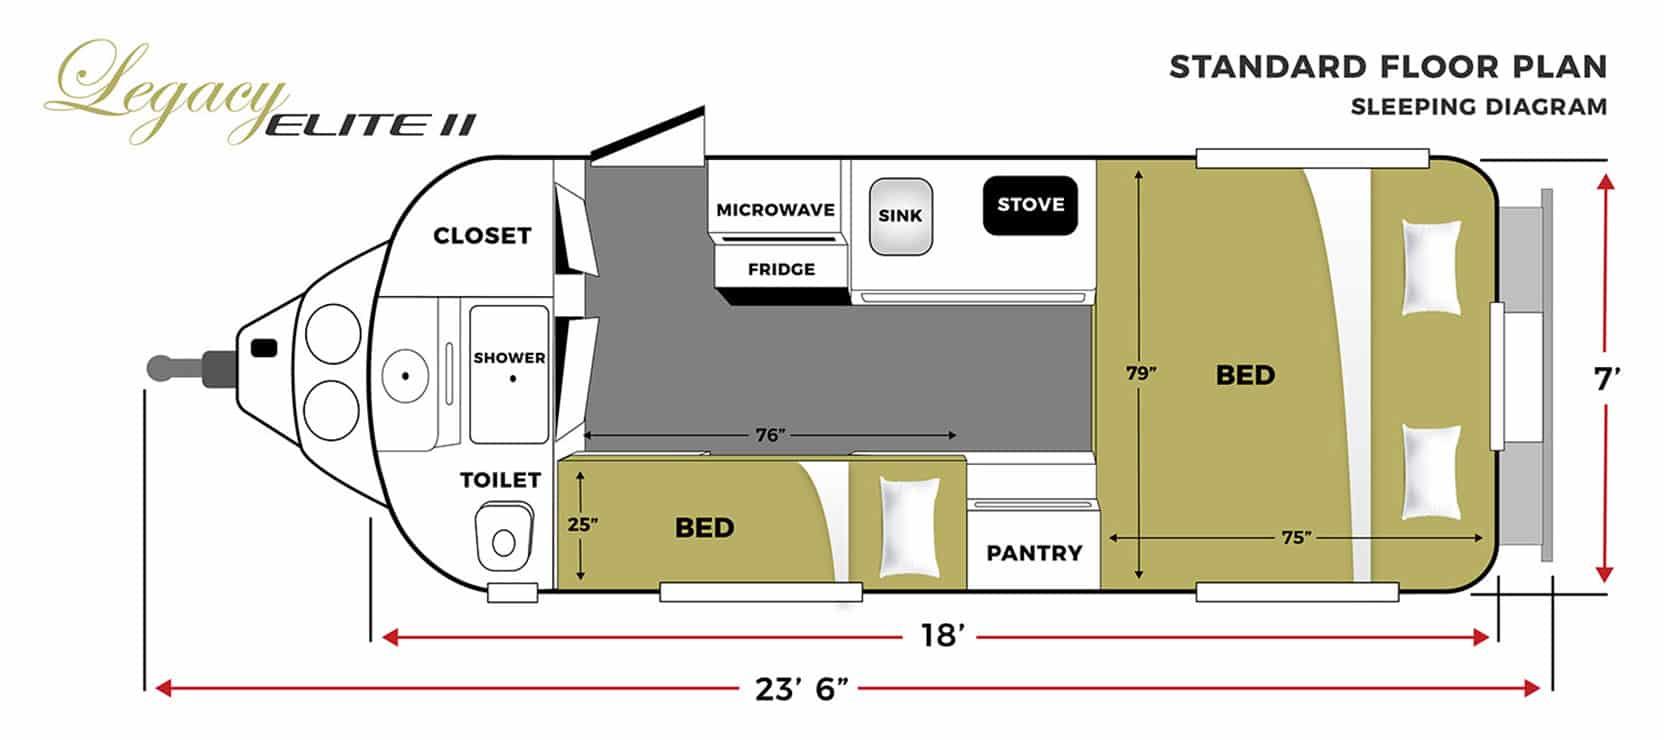 oliver travel trailers legacy elite 2 standard sleeping floor plan horizontal